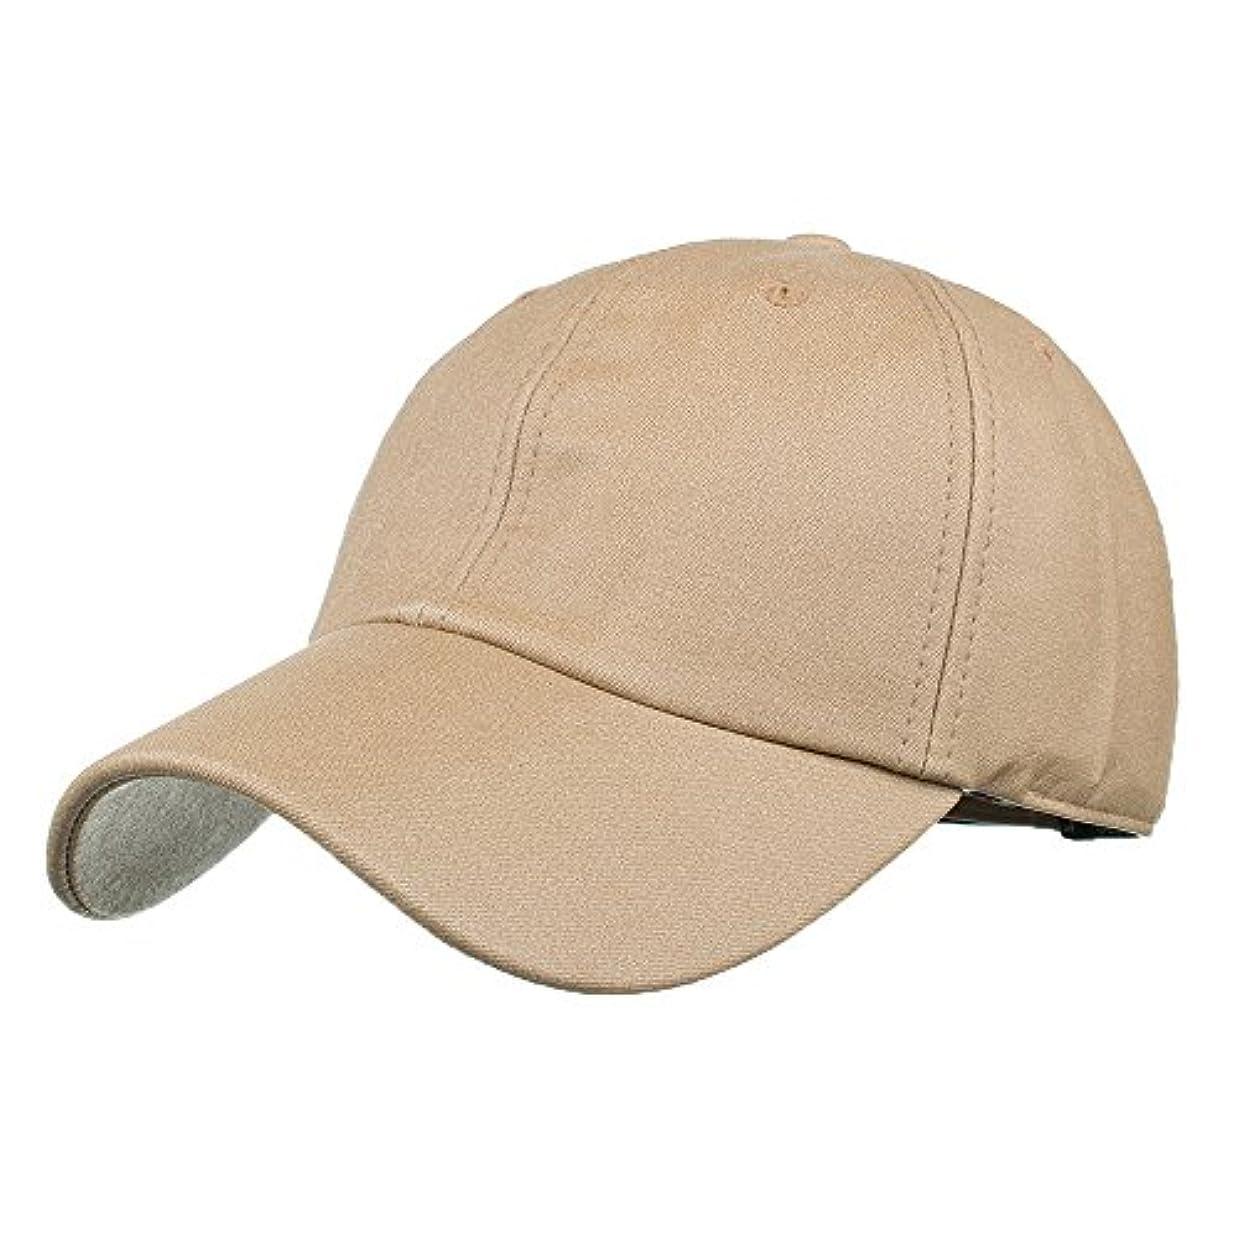 近傍膨張するジャケットRacazing Cap PU 無地 ヒップホップ 野球帽 通気性のある 帽子 夏 登山 可調整可能 棒球帽 UV 帽子 軽量 屋外 Unisex Hat (カーキ)